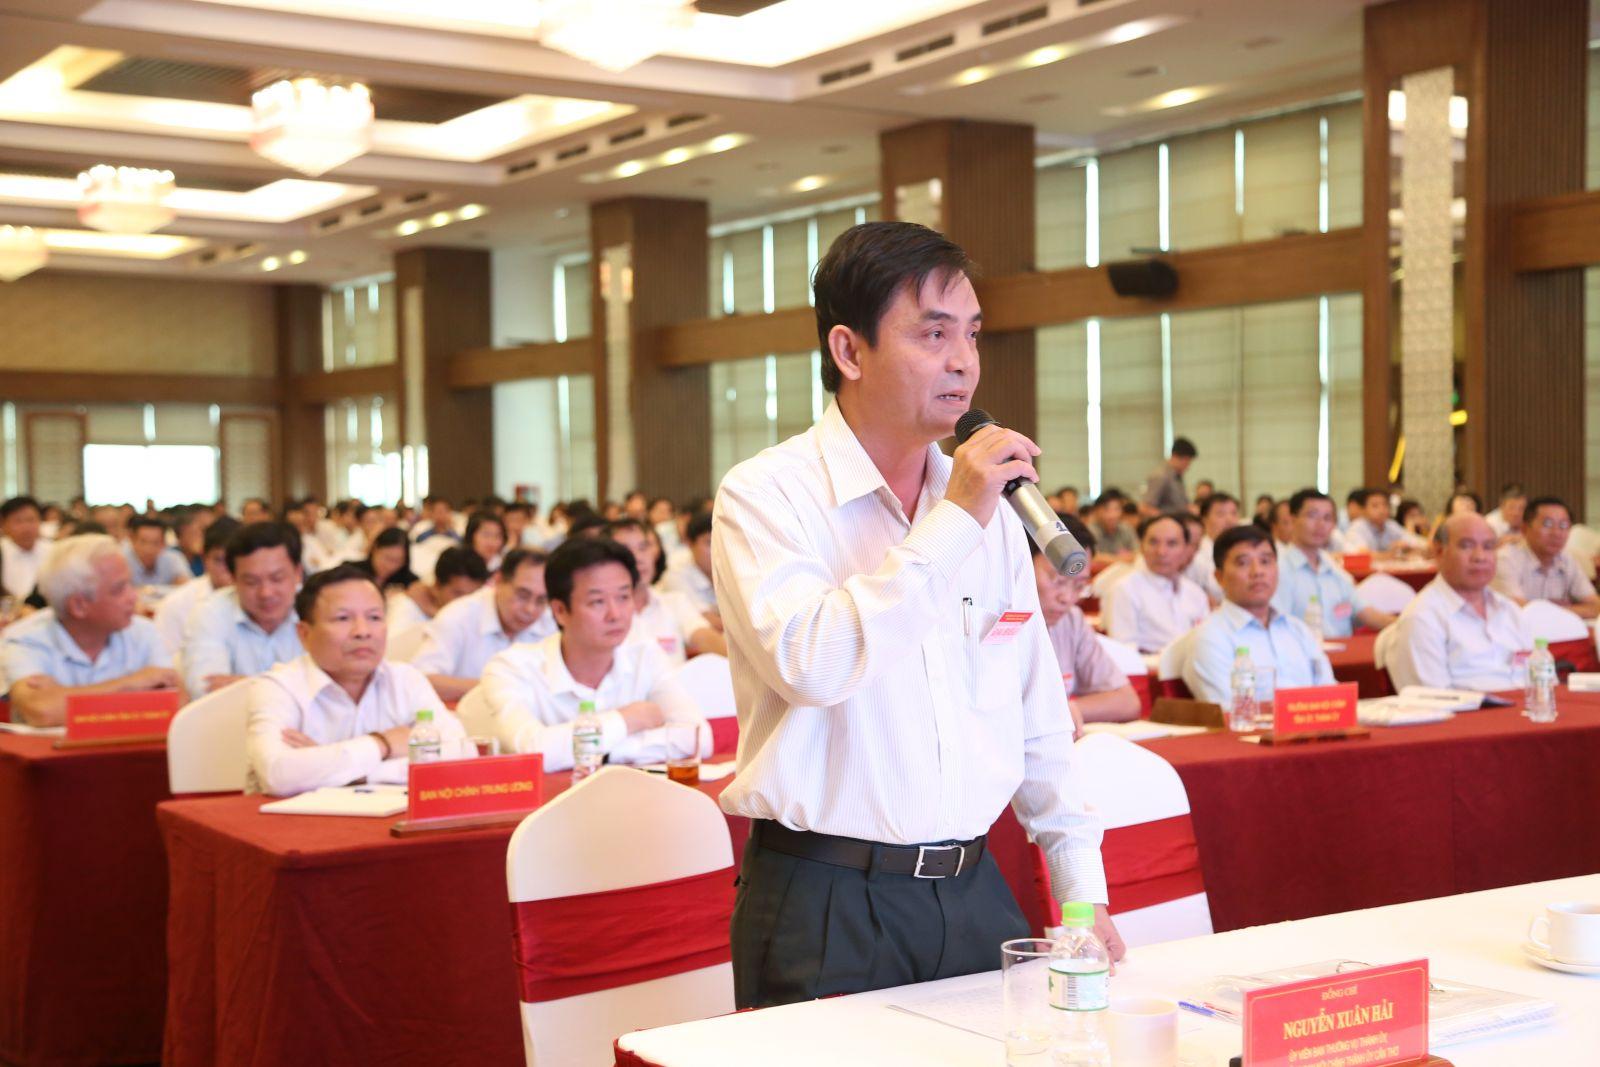 Đại biểu phát biểu tại hội nghị. Ảnh: S.H